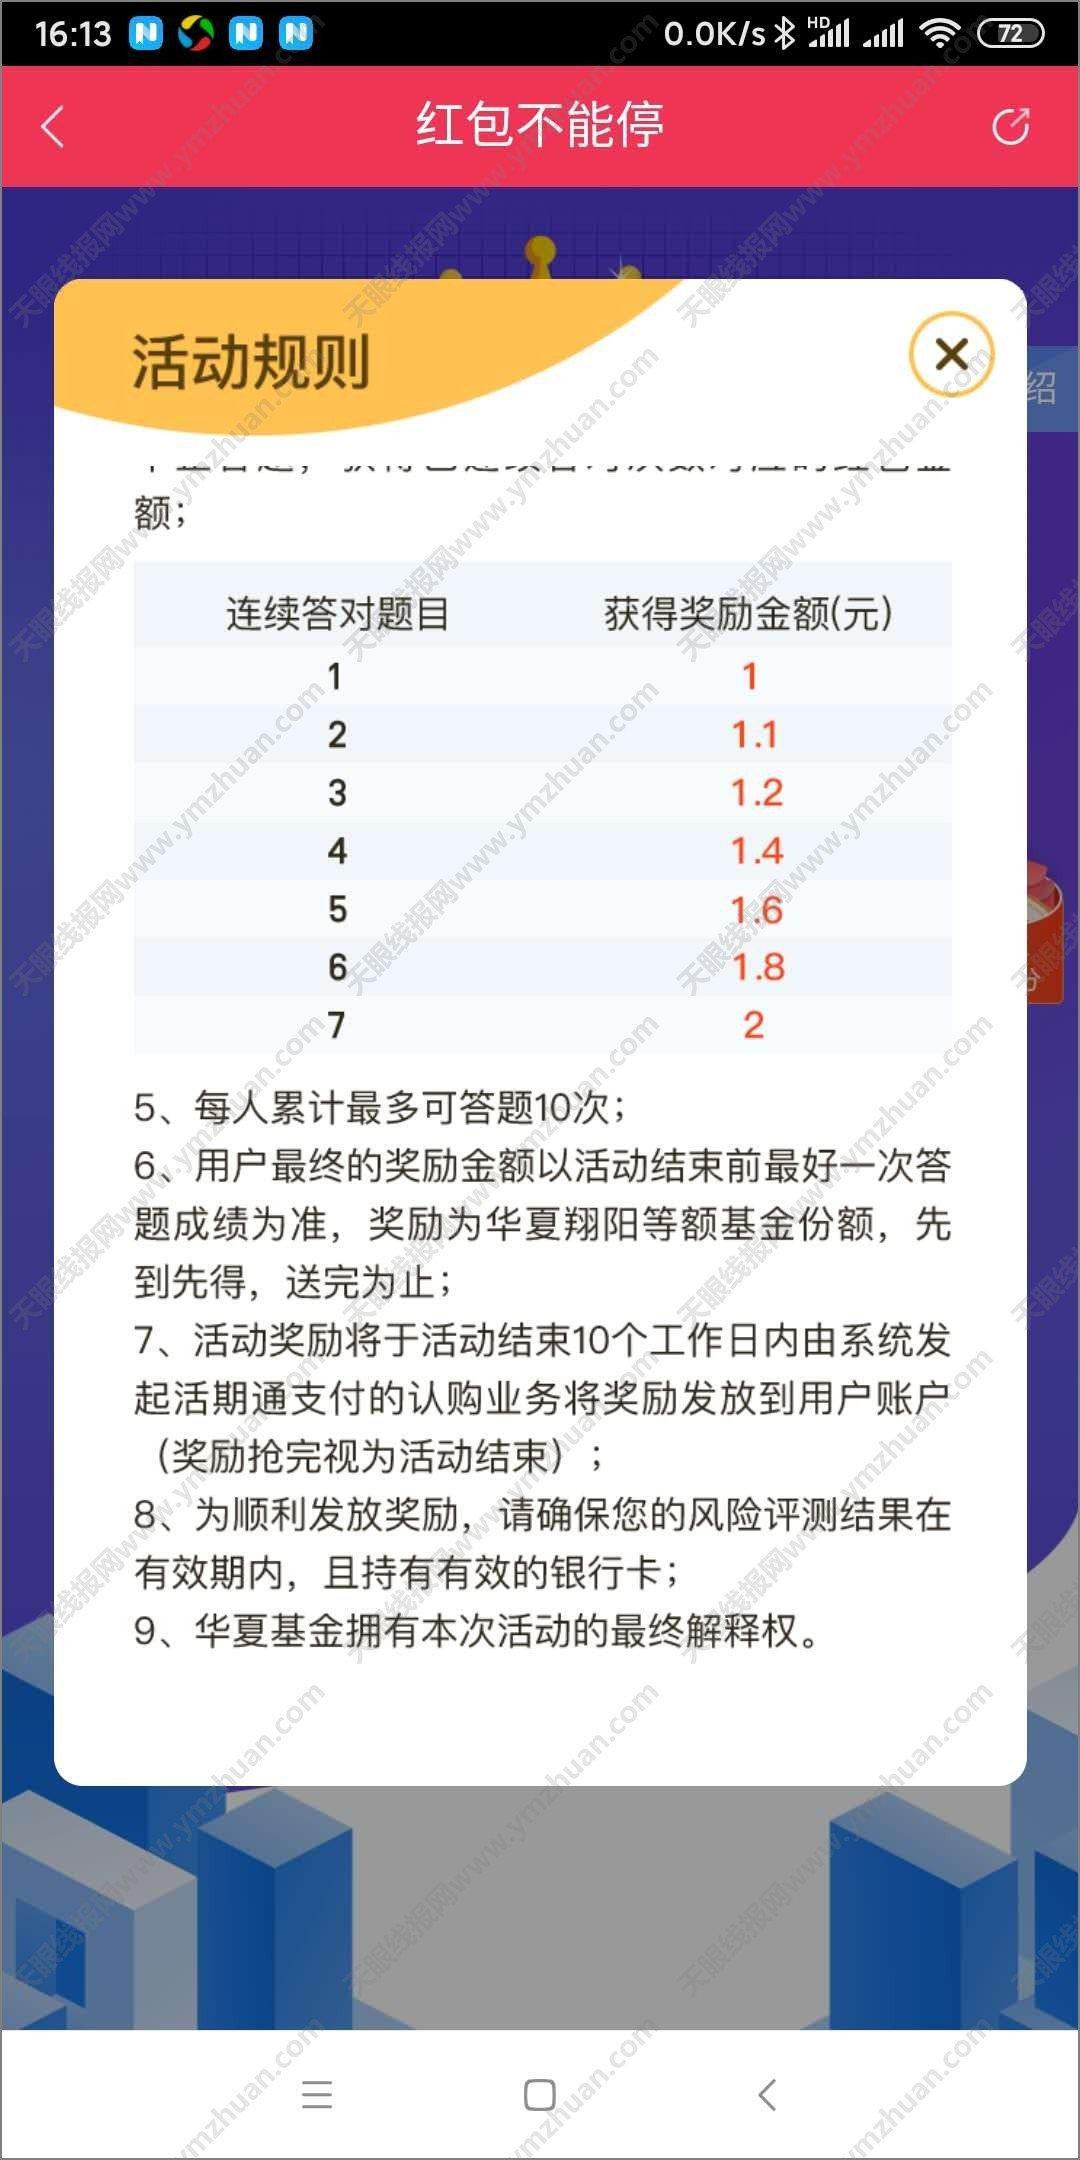 薅羊毛赚钱-华夏基金管家老用户参与答题最高1888元红包 薅羊毛 第3张